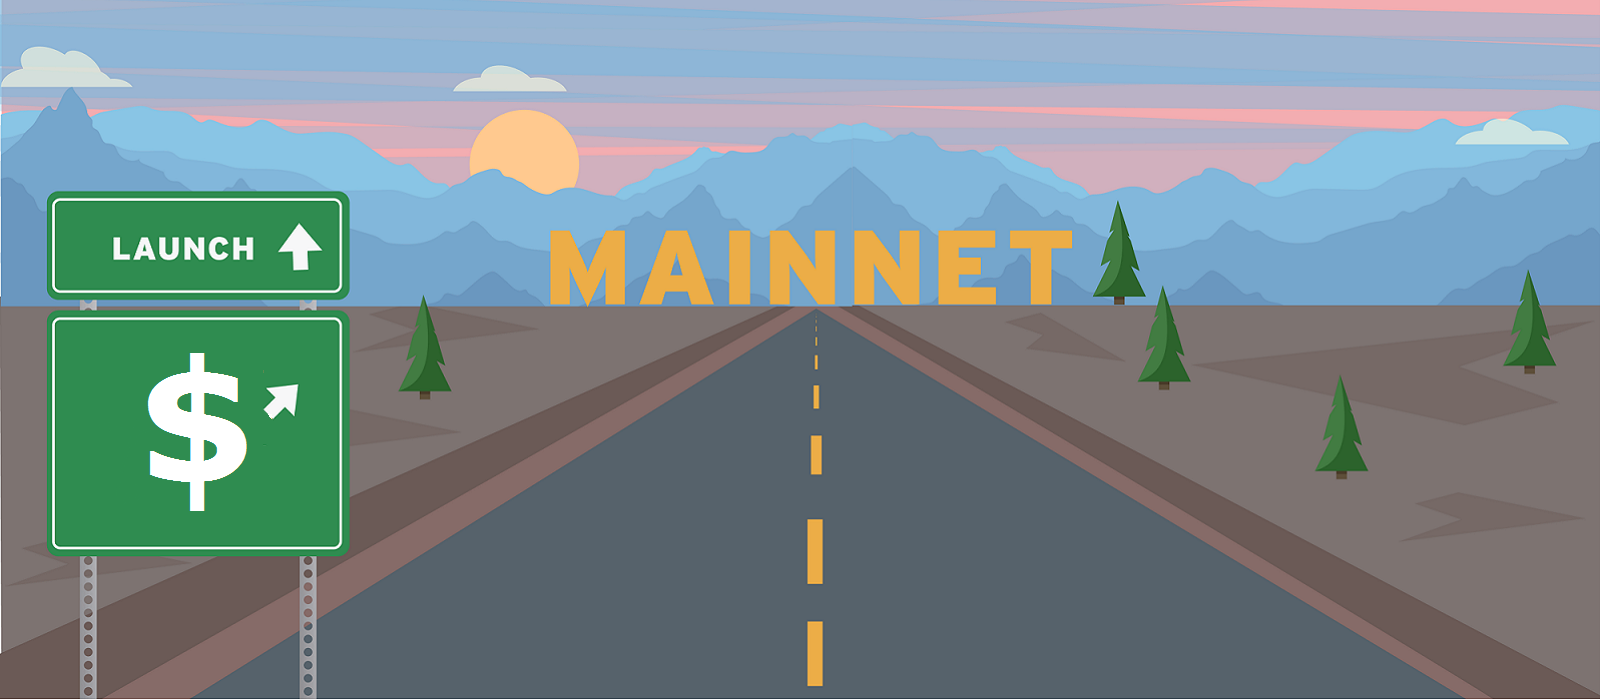 0516 mainnet launch